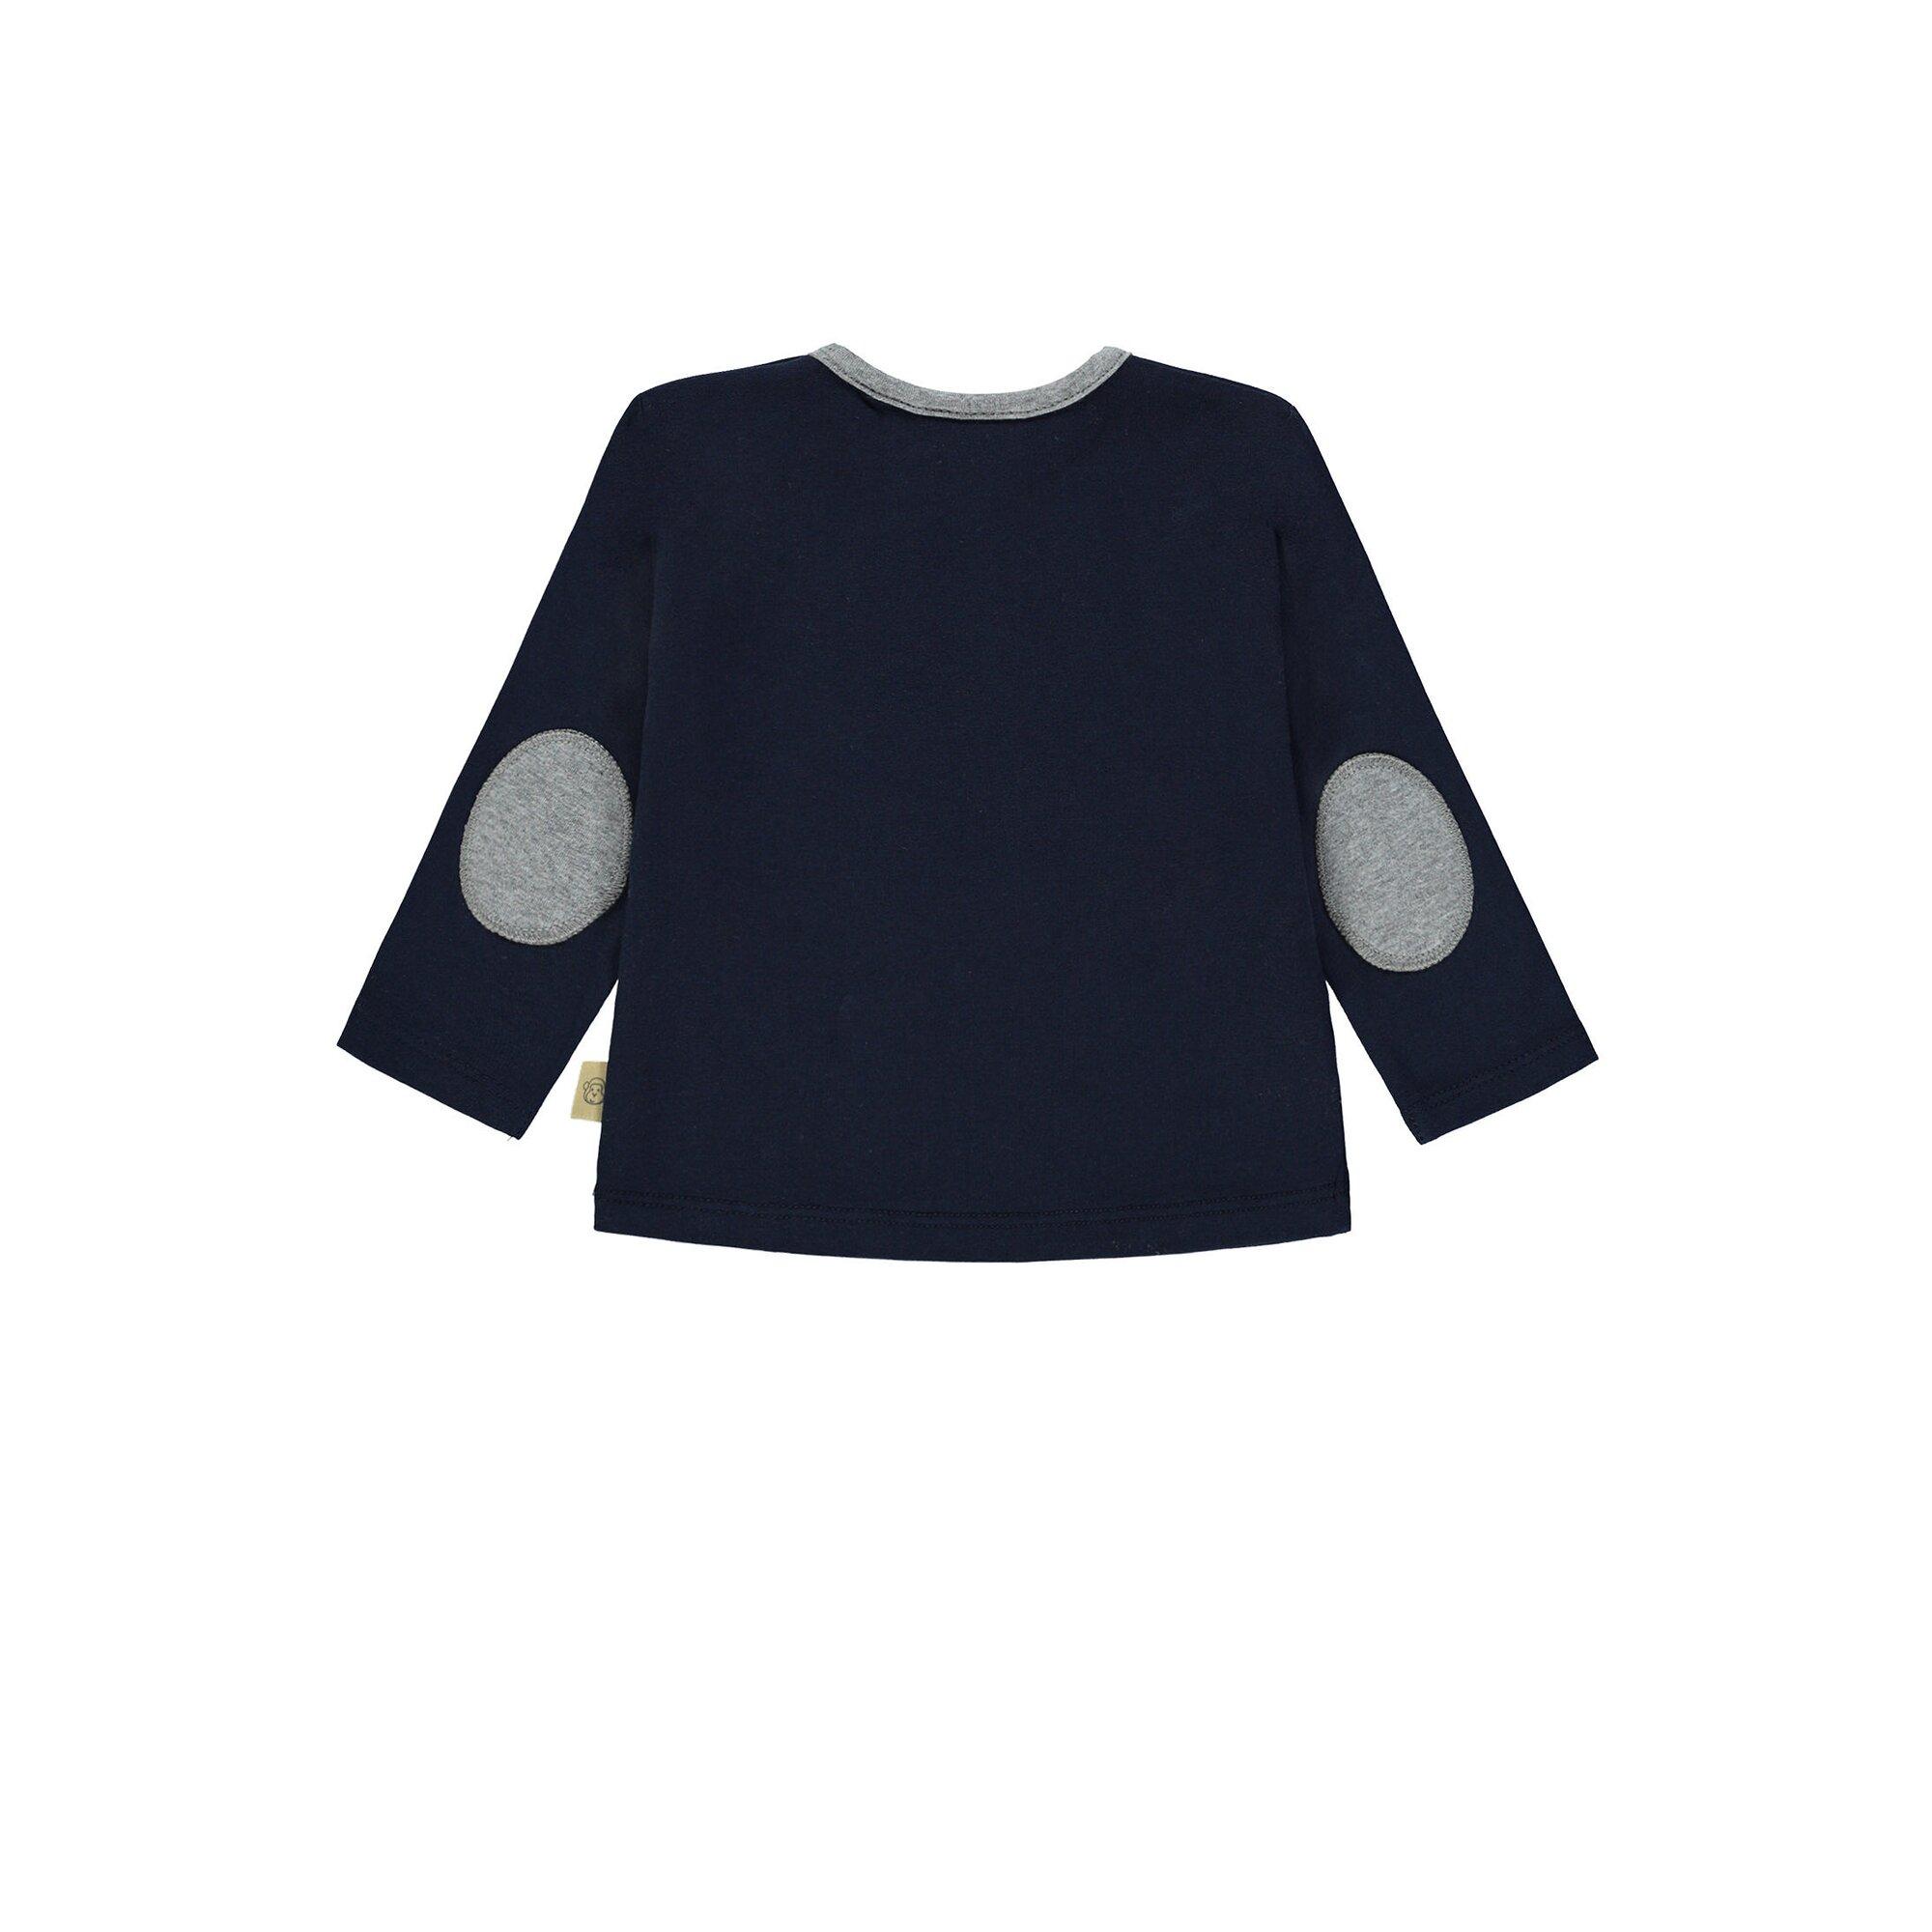 bellybutton-langarmshirt-mit-patches-und-tasche